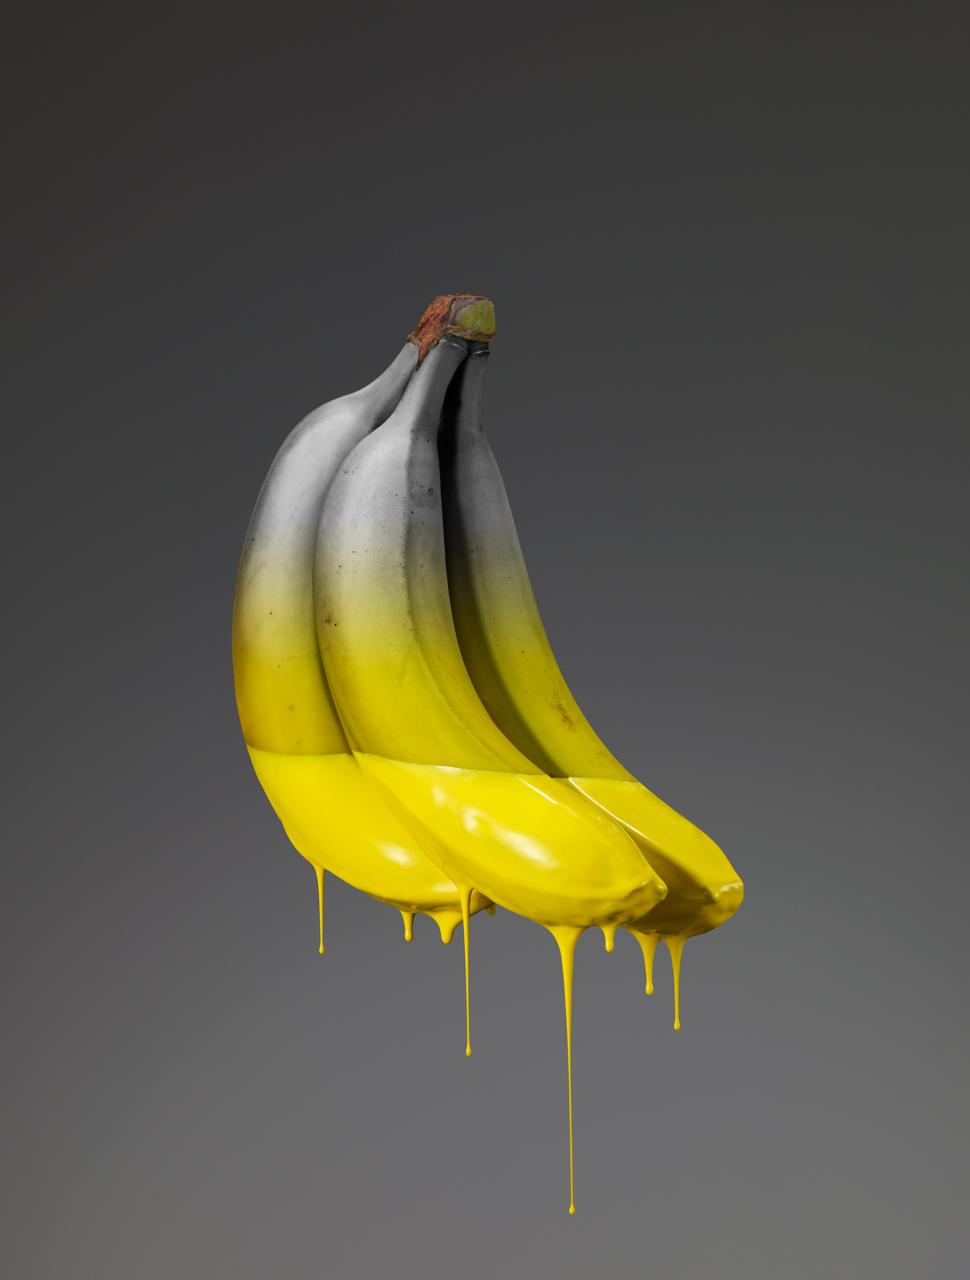 COLORS | Banana